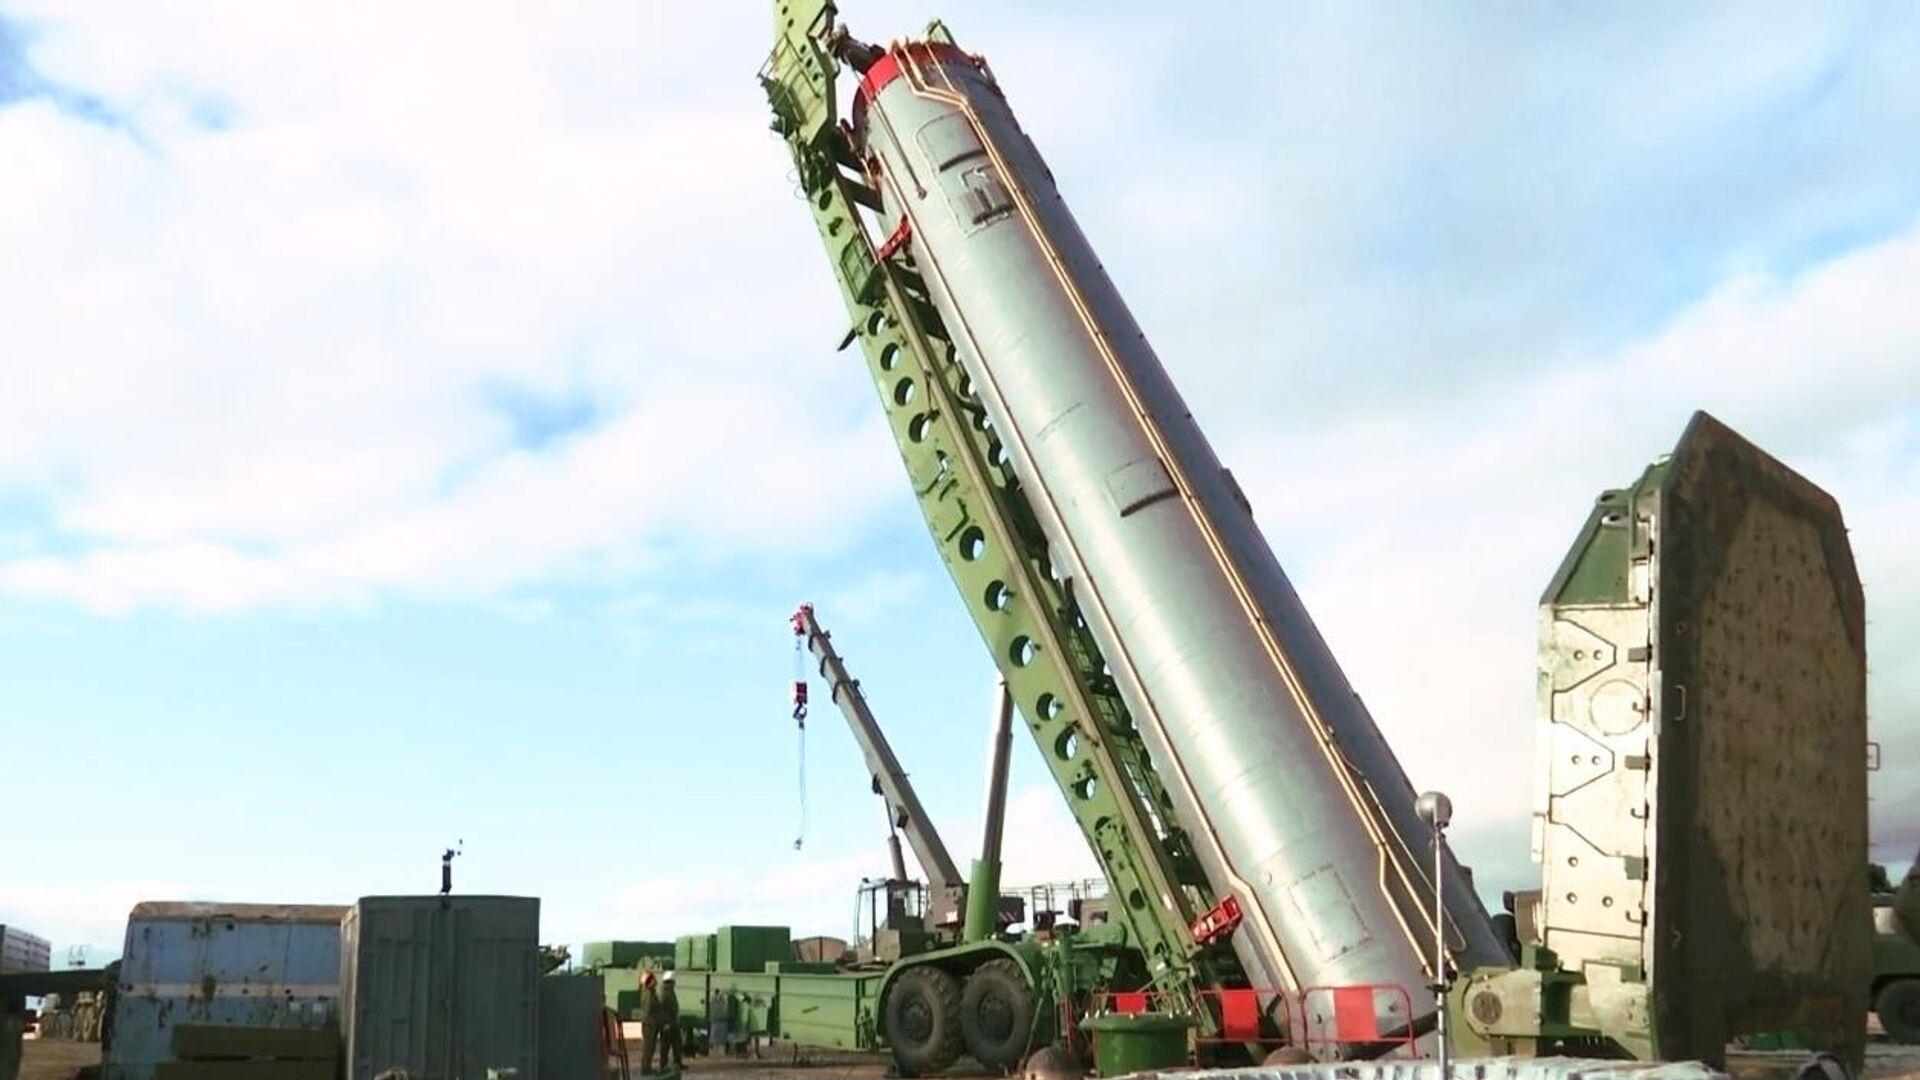 Межконтинентальная баллистическая ракета ракетного комплекса стратегического назначения Авангард  - РИА Новости, 1920, 02.04.2021